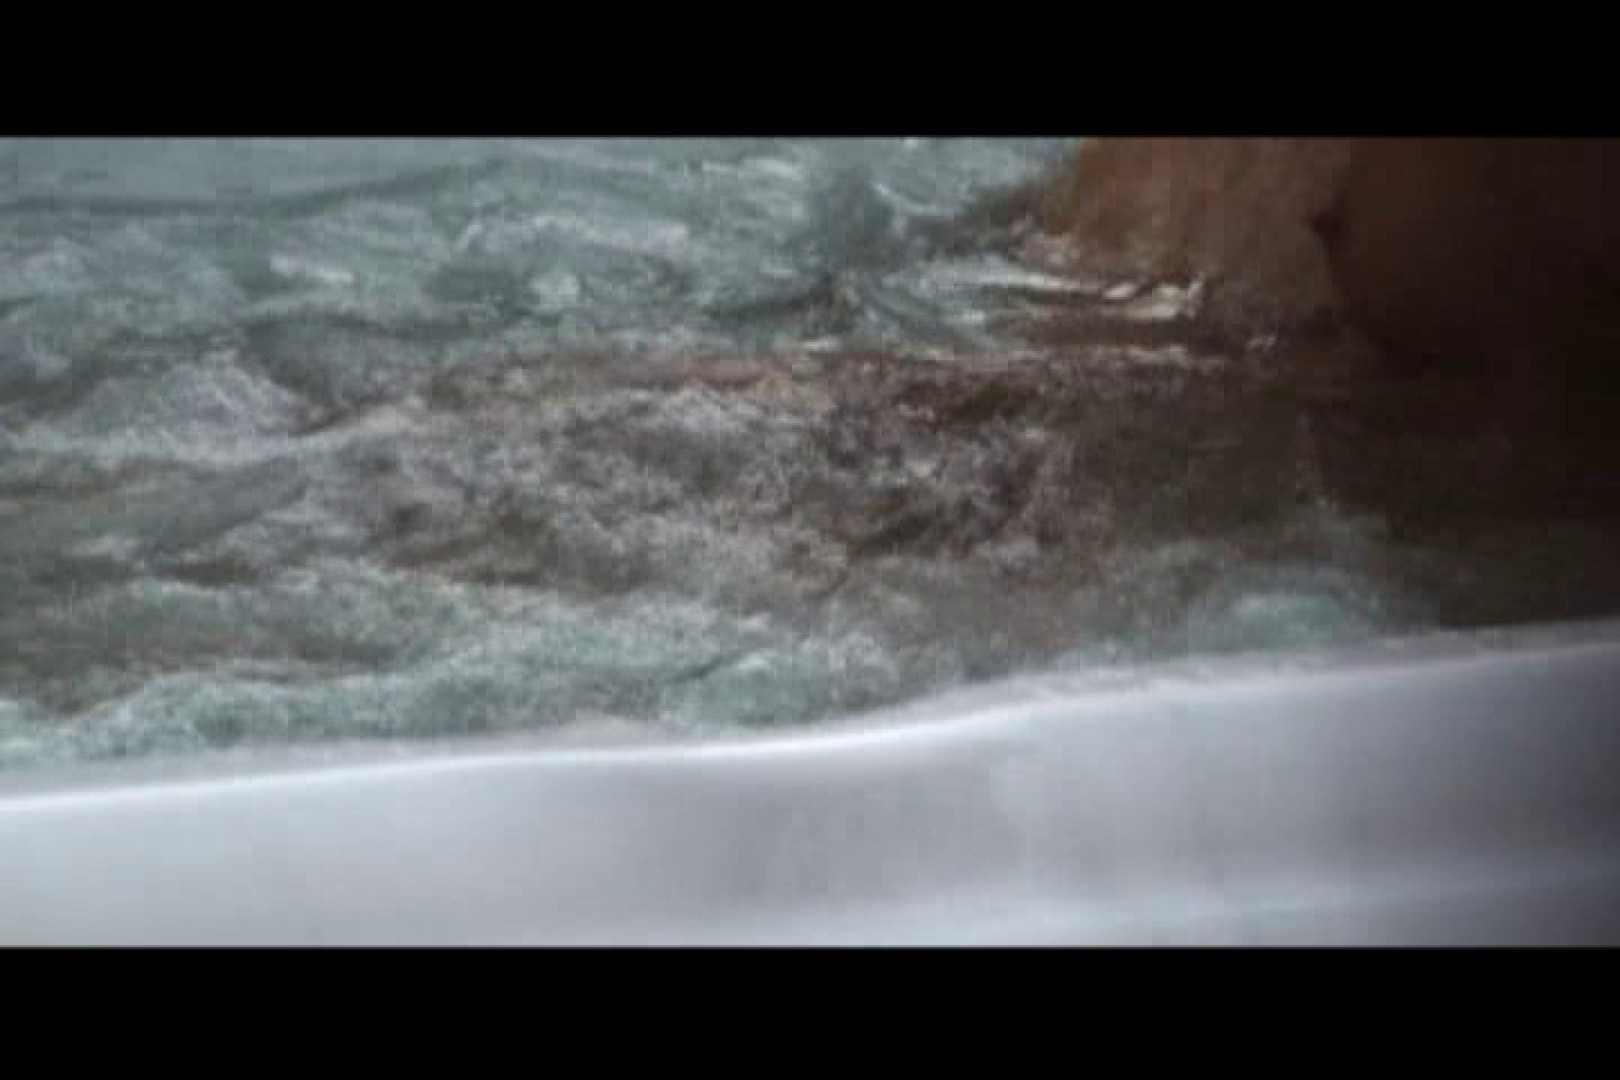 貸切露天 発情カップル! vol.05 露天風呂の女子達 | カップル  85画像 67